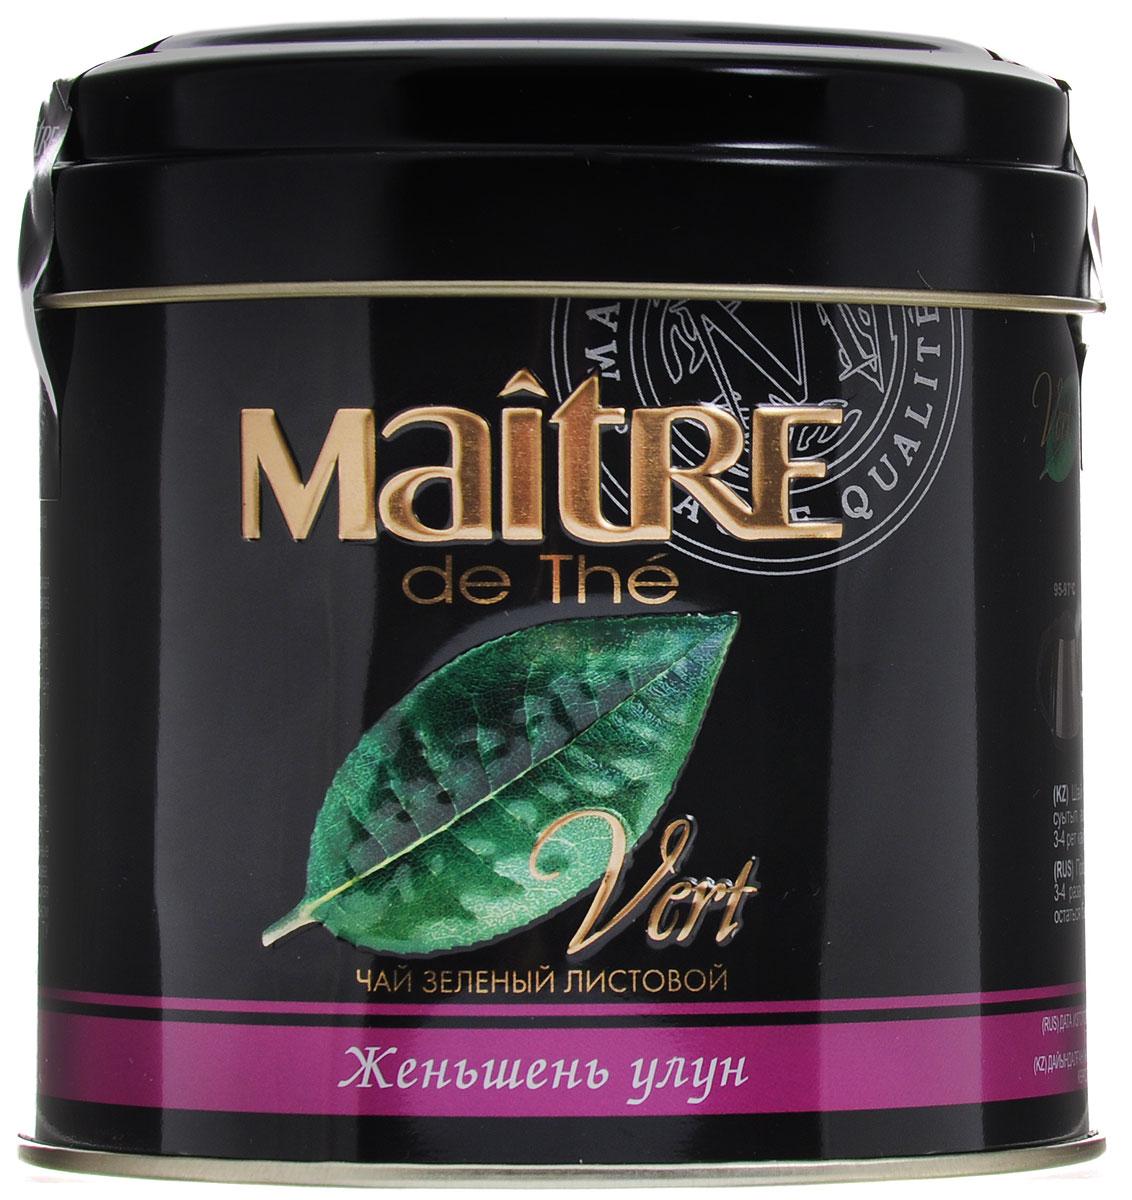 Maitre de The Женьшень улун зеленый листовой чай, 150 г (жестяная банка)бар070рЧай Женьшень Улун имеет насыщенный вкус и ярко выраженный аромат женьшеня. Чайный лист собирают в высокогорной Китайской провинции Фуцзянь и обрабатывают вручную по старинным технологиям. Традиционно в лучшие улунские чаи добавляют натуральный измельчённый корень женьшеня. Существует легенда о 130-летнем монахе, который в эпоху династии Тан (VII-IX вв.) прибыл ко двору императора. Удивившись бодрости старца, правитель Поднебесной спросил его: Что за чудодейственное лекарство позволяет тебе так долго наслаждаться жизнью? Монах, смеясь, ответил: Я из бедной семьи и никогда не пил лекарств. Просто я очень люблю чай. Чай с женьшенем дает ощутимый прилив сил и жизненной энергии.